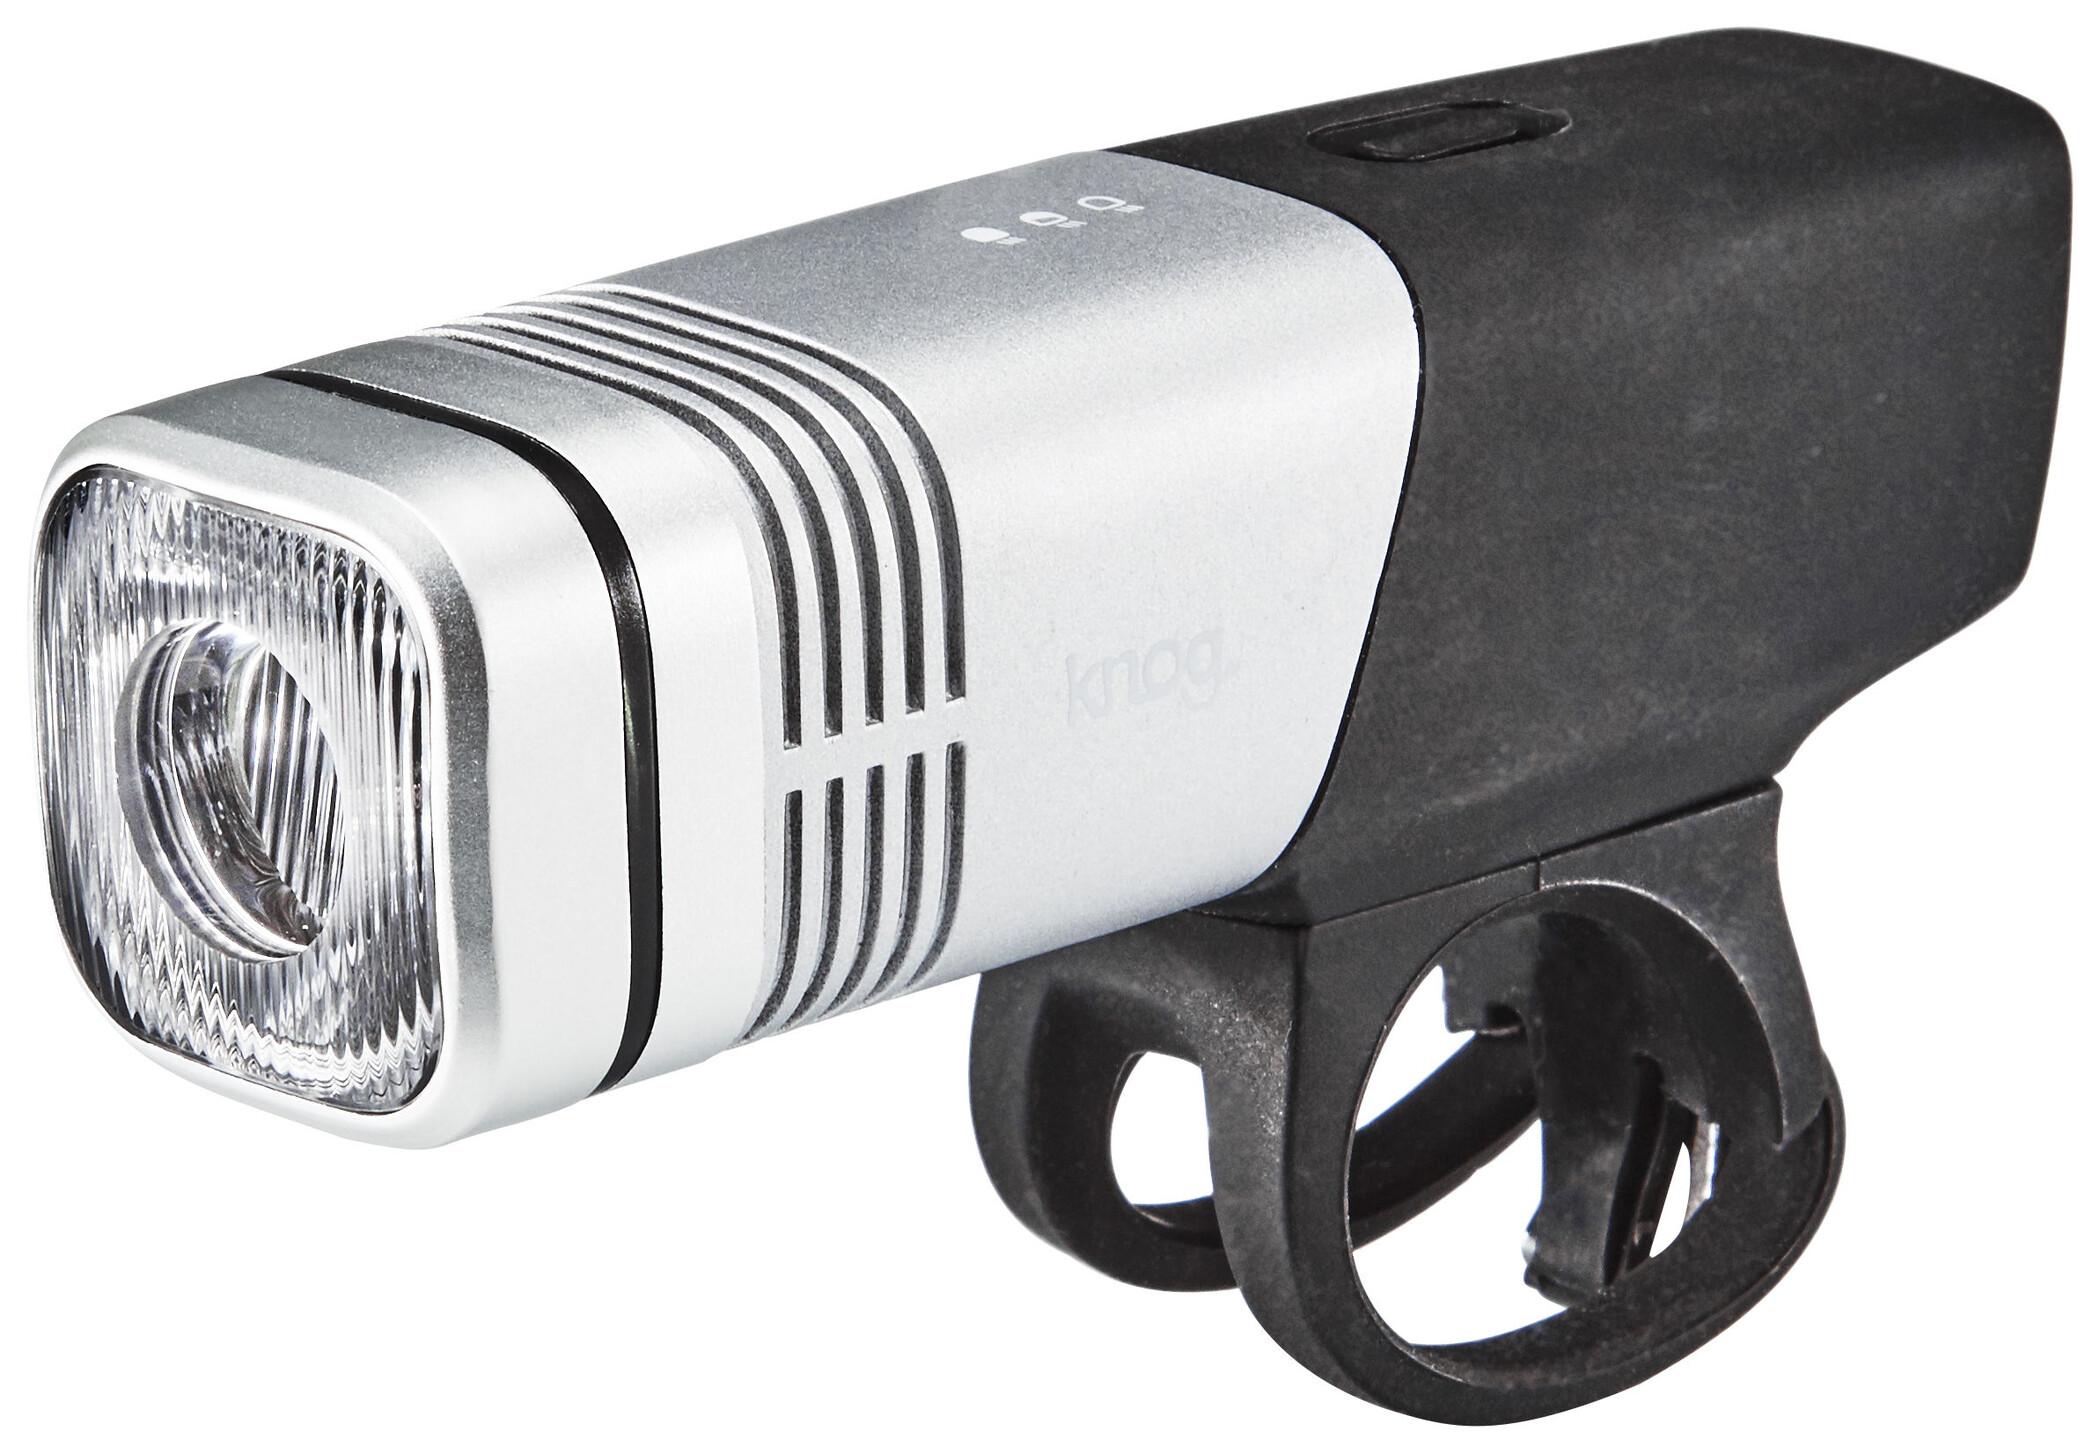 Knog Blinder Beam 300 Cykellygter sort, silver (2019)   Light Set